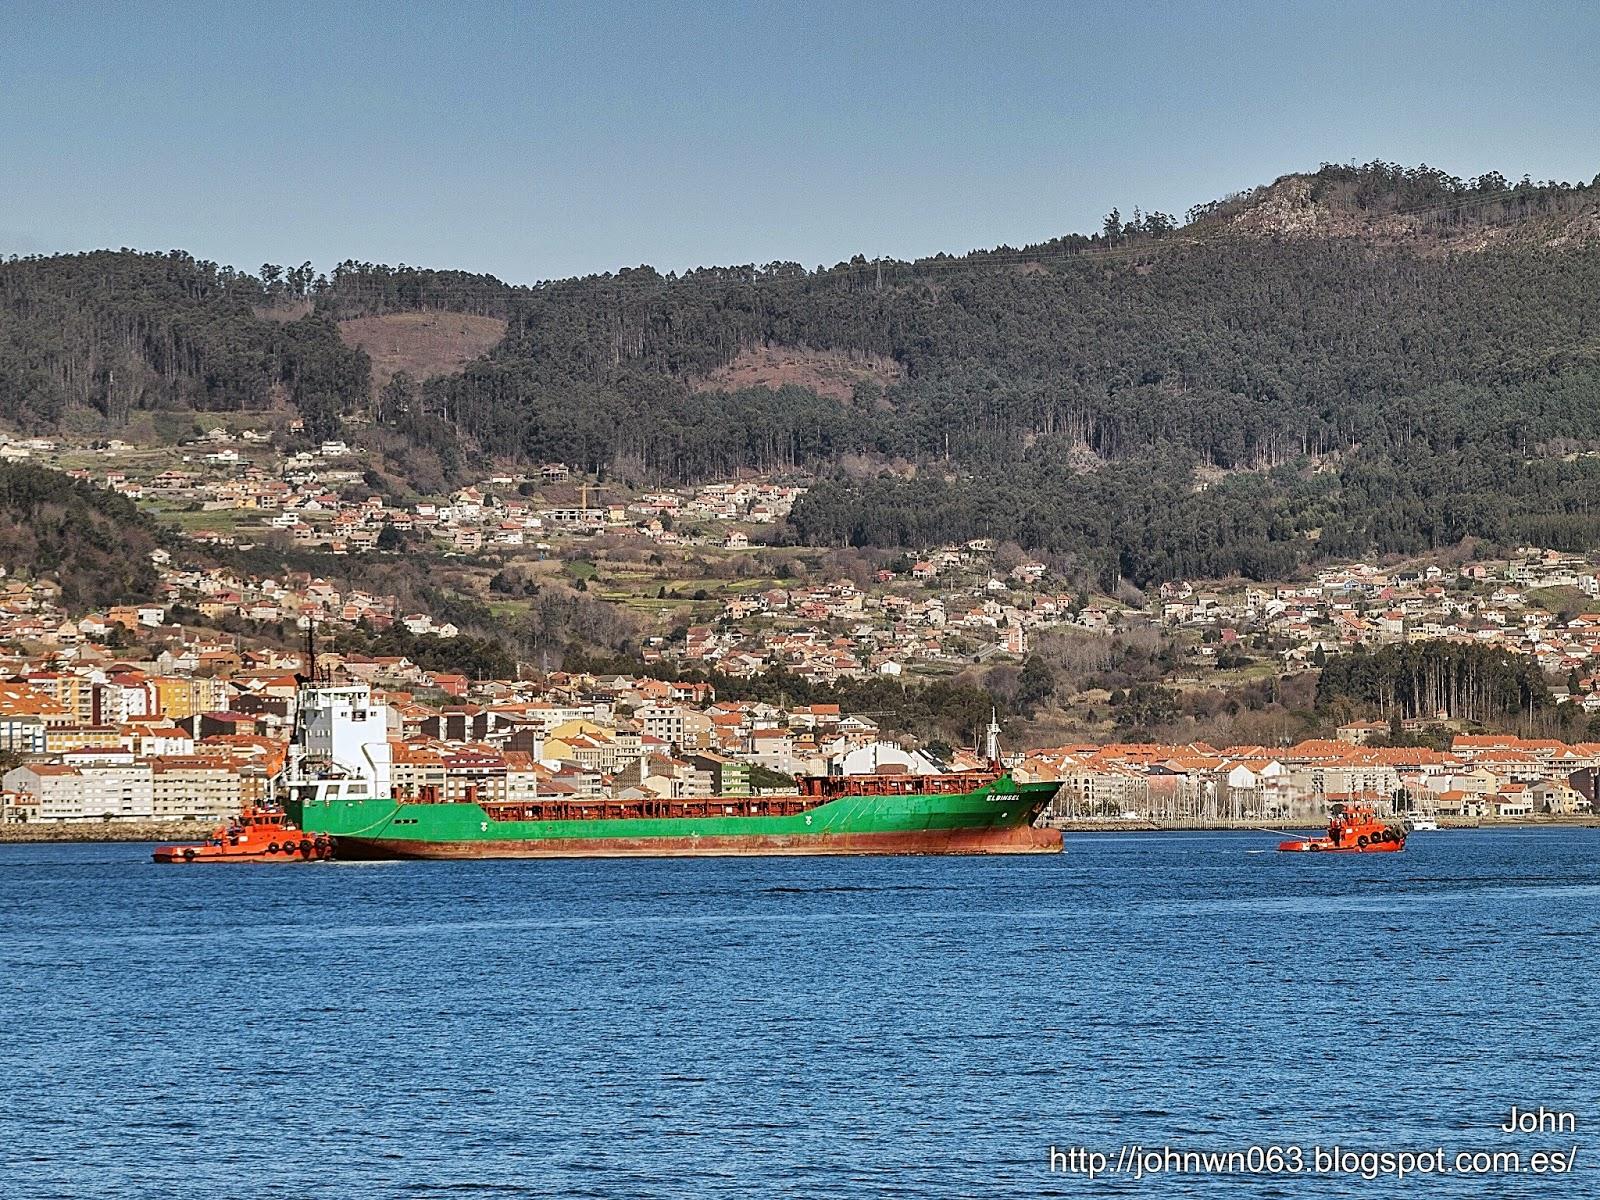 fotos de barcos, imagenes de barcos, elbinsel, portacontendores, remolcanosa, vigo